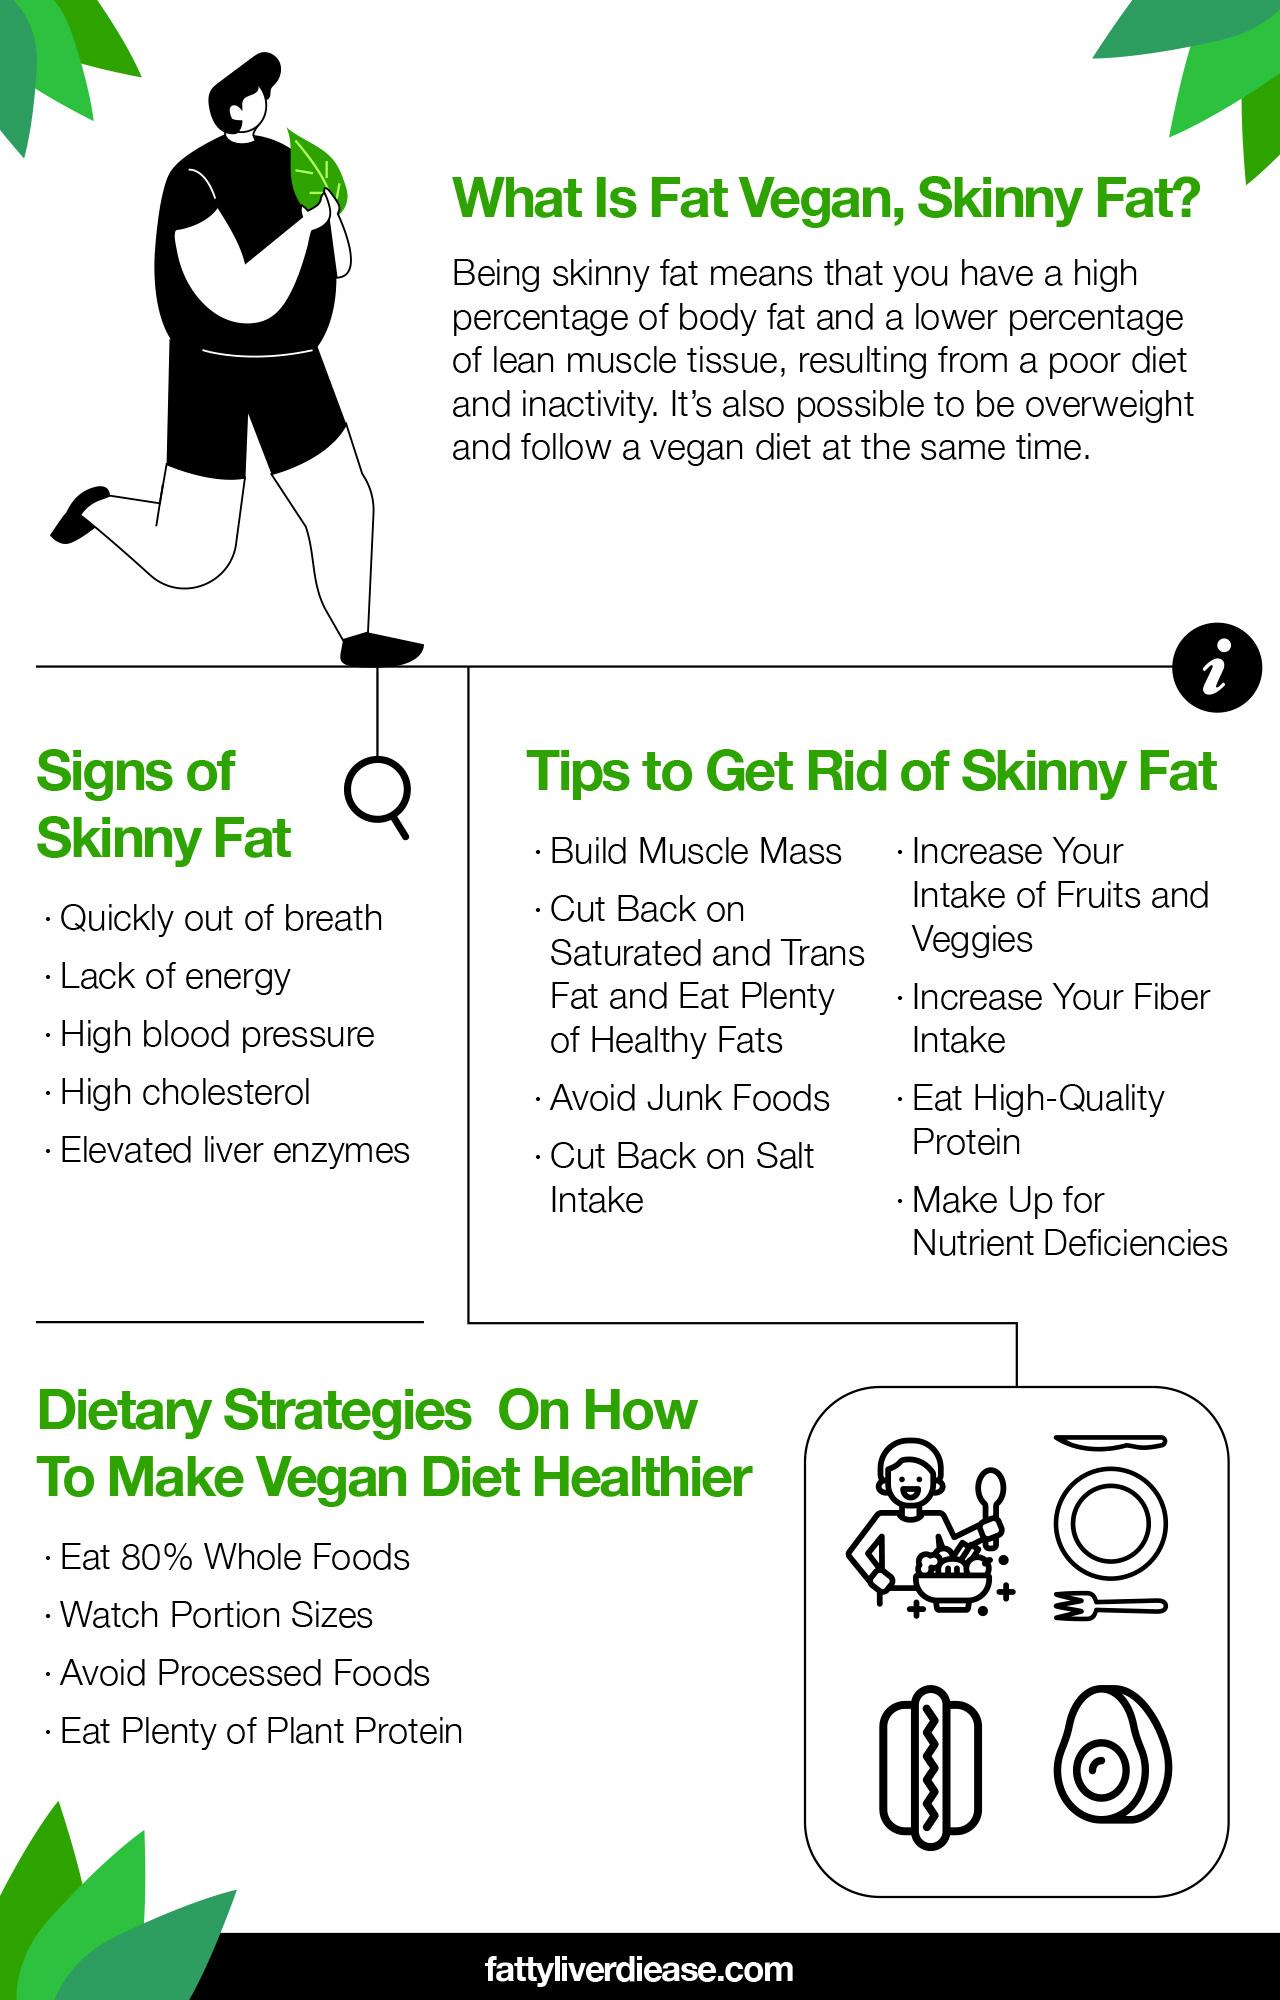 fat vegan skinny fat